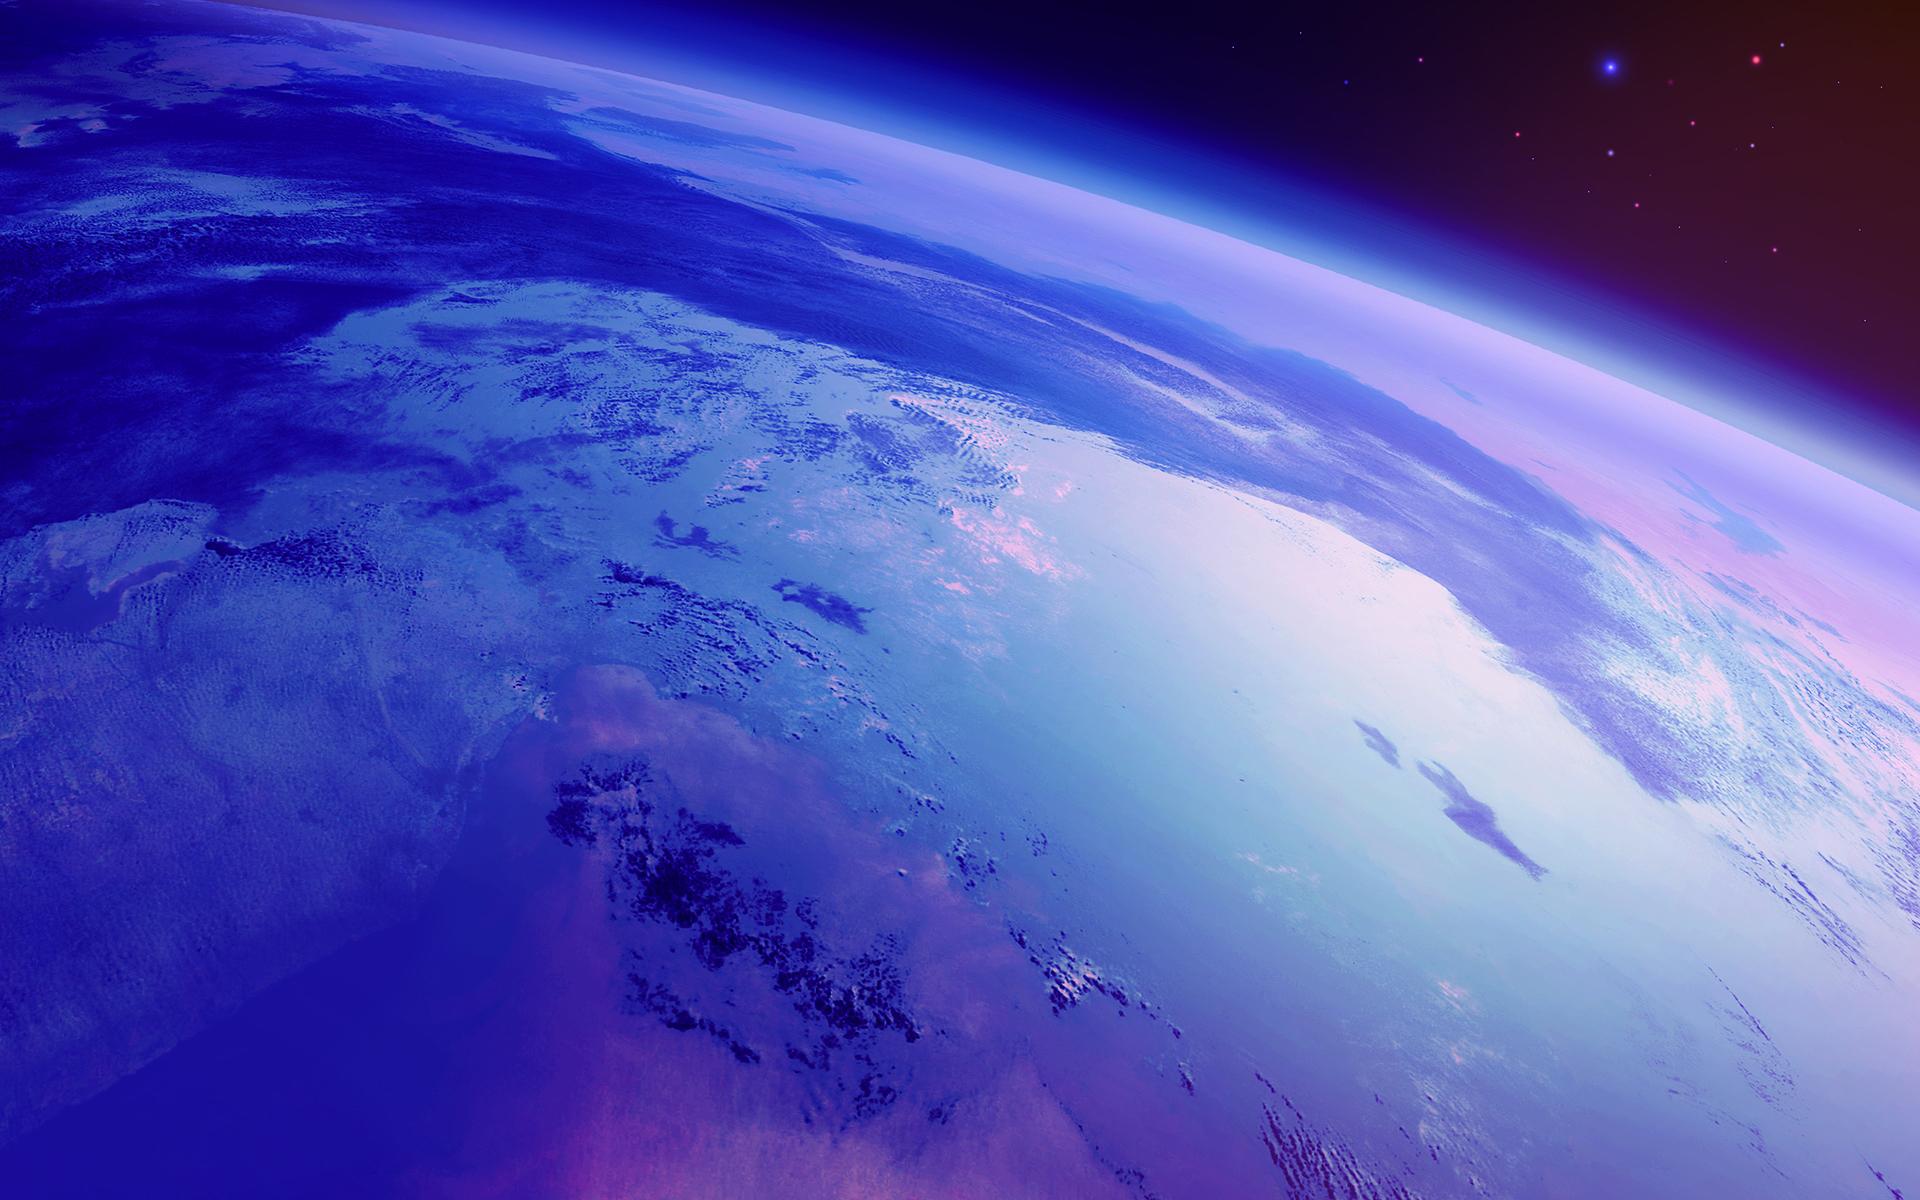 venus atmosphere vs earth atmosphere - HD1920×1200